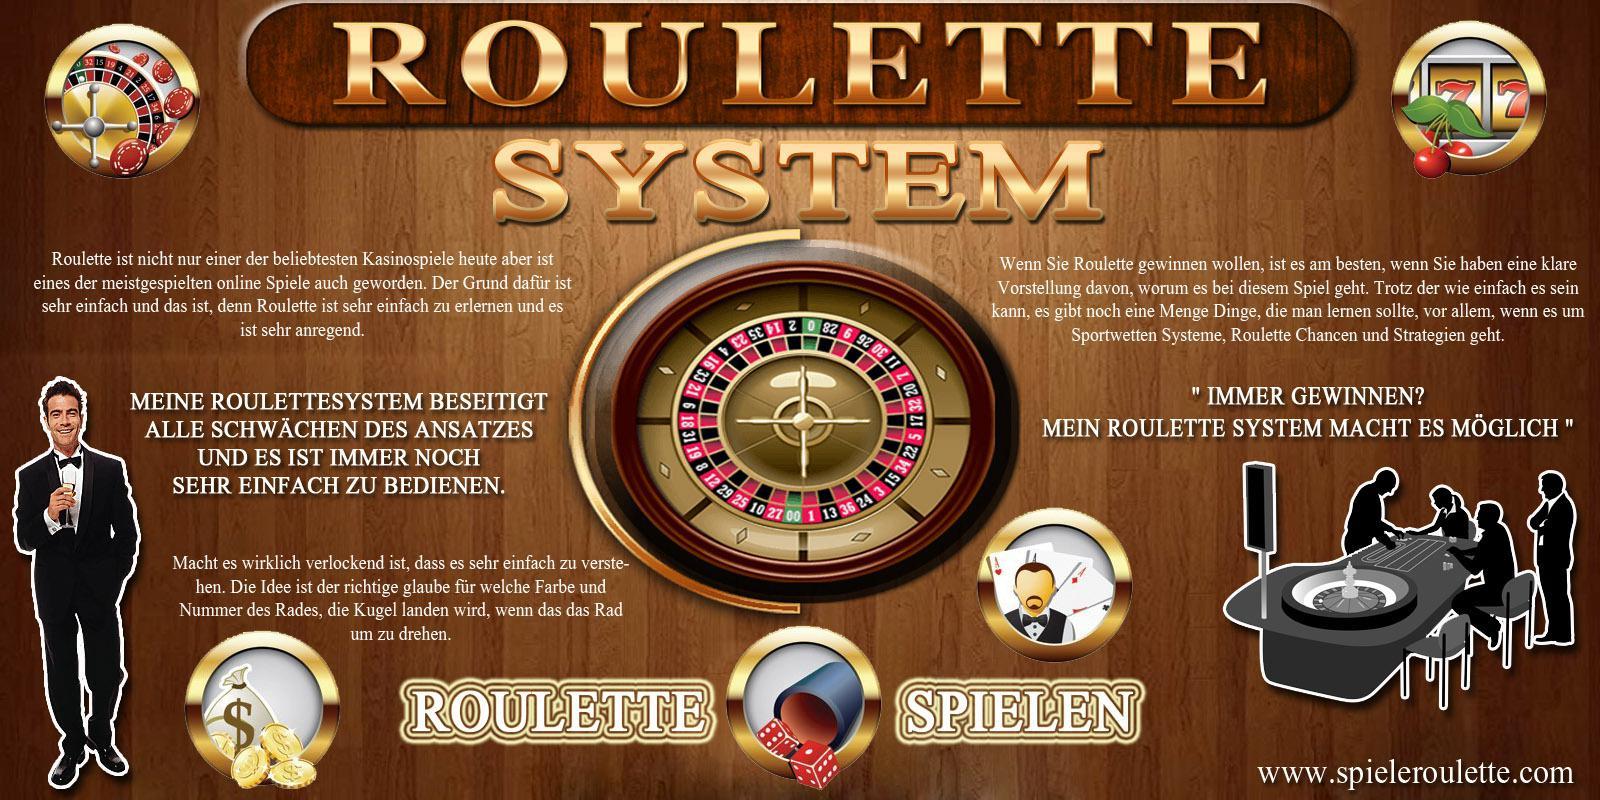 Roulette nach system spielen